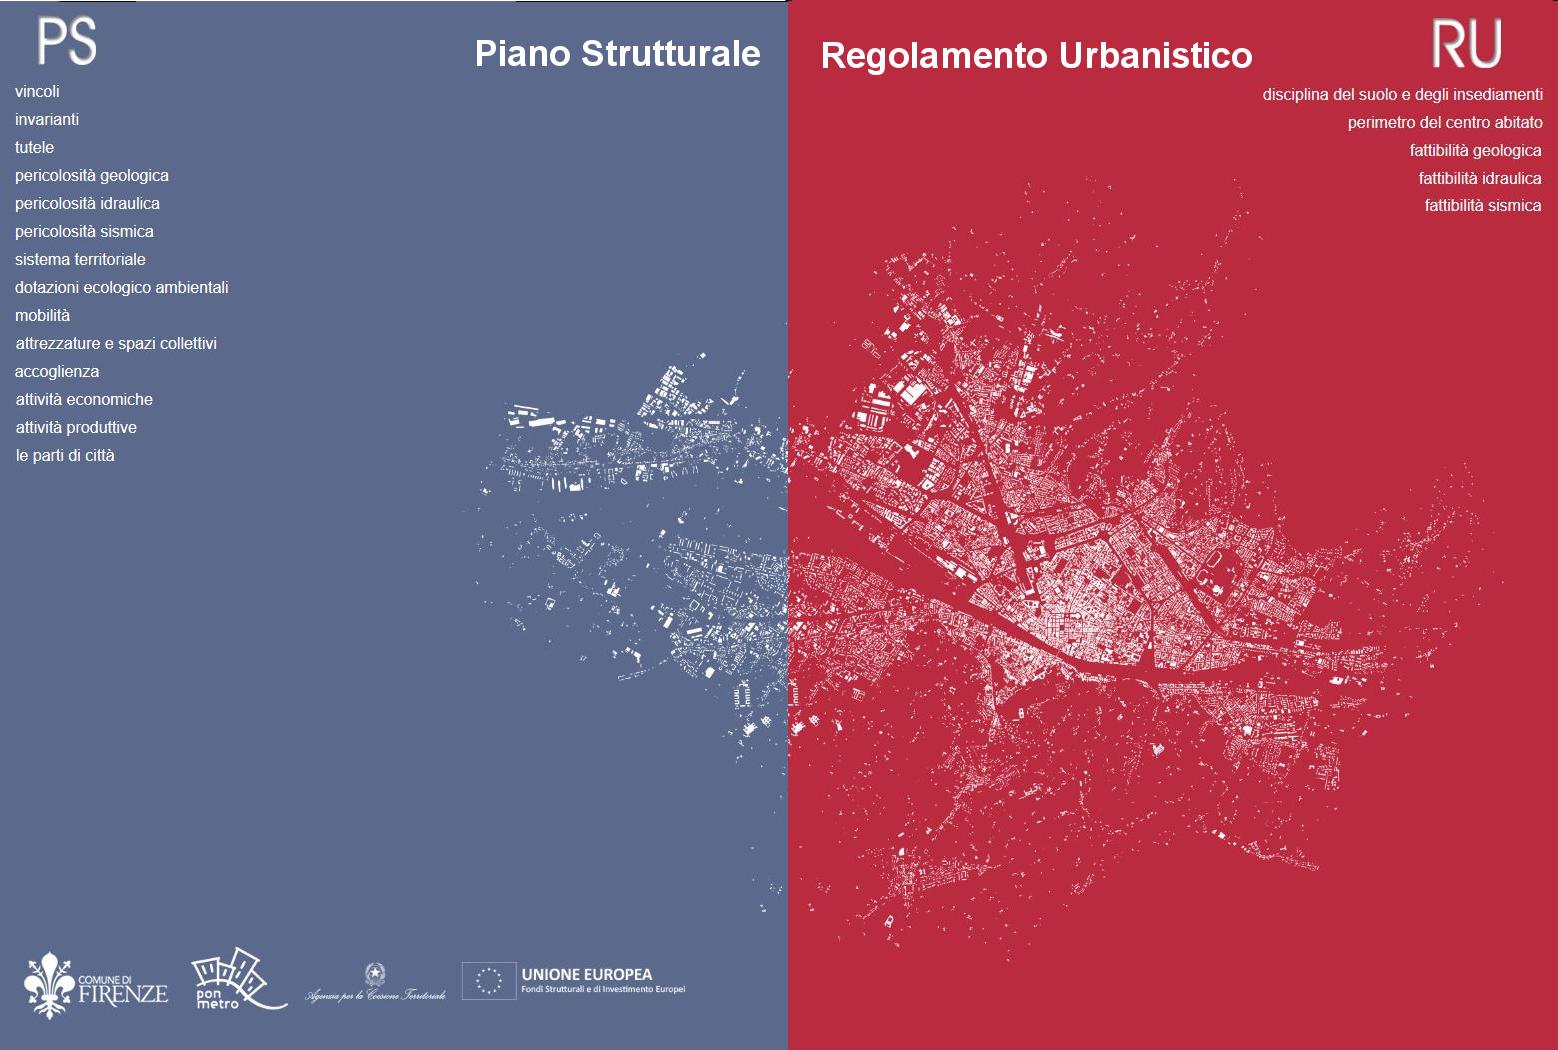 Piano Strutturale e Regolamento Urbanistico